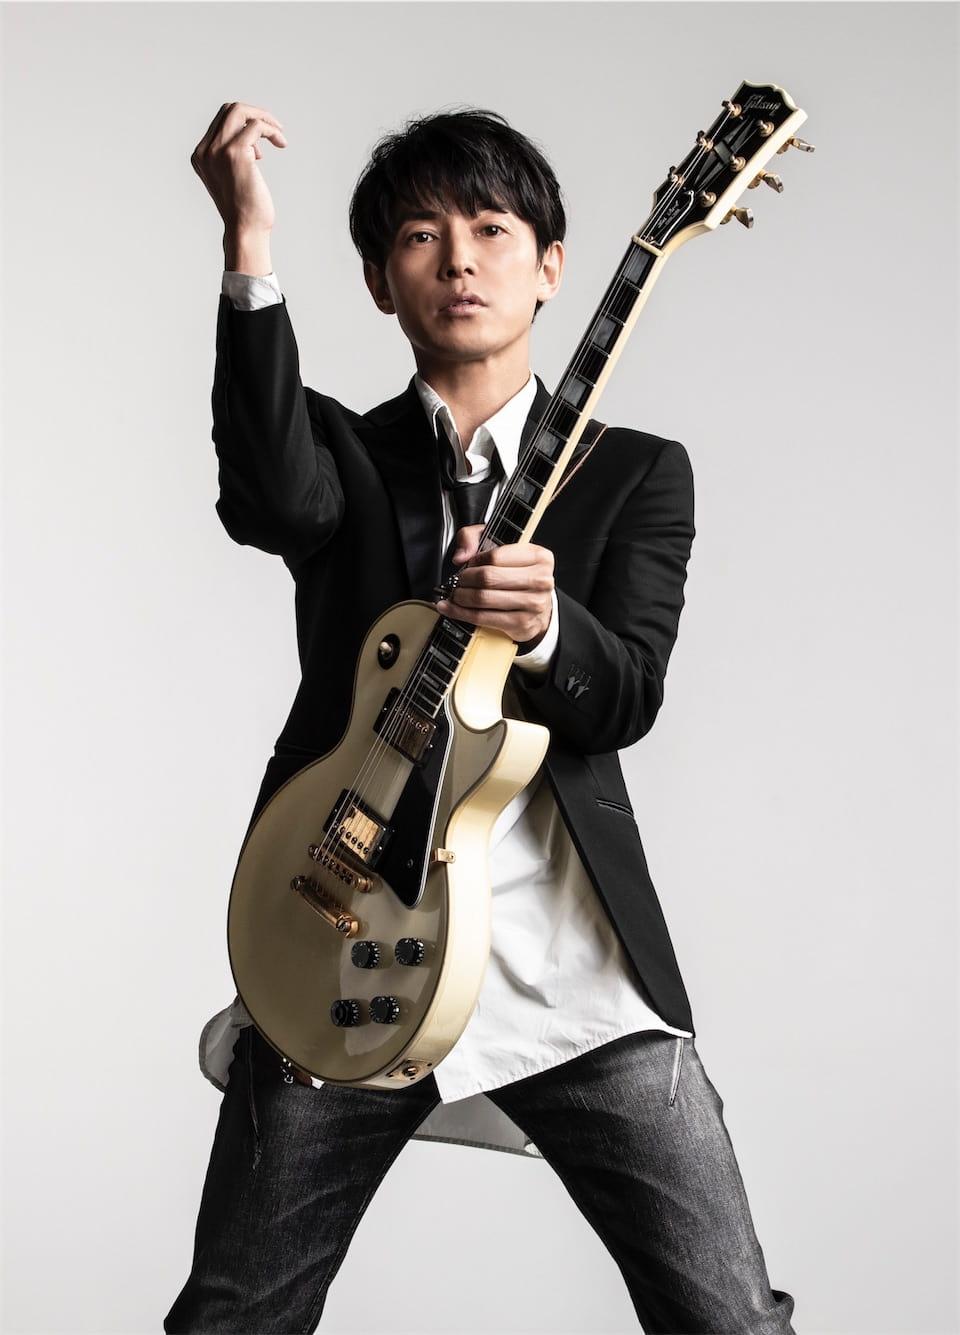 藤木直人、音楽活動をまとめたオフィシャルYouTubeチャンネルを開設!アルバムのティザーも公開!